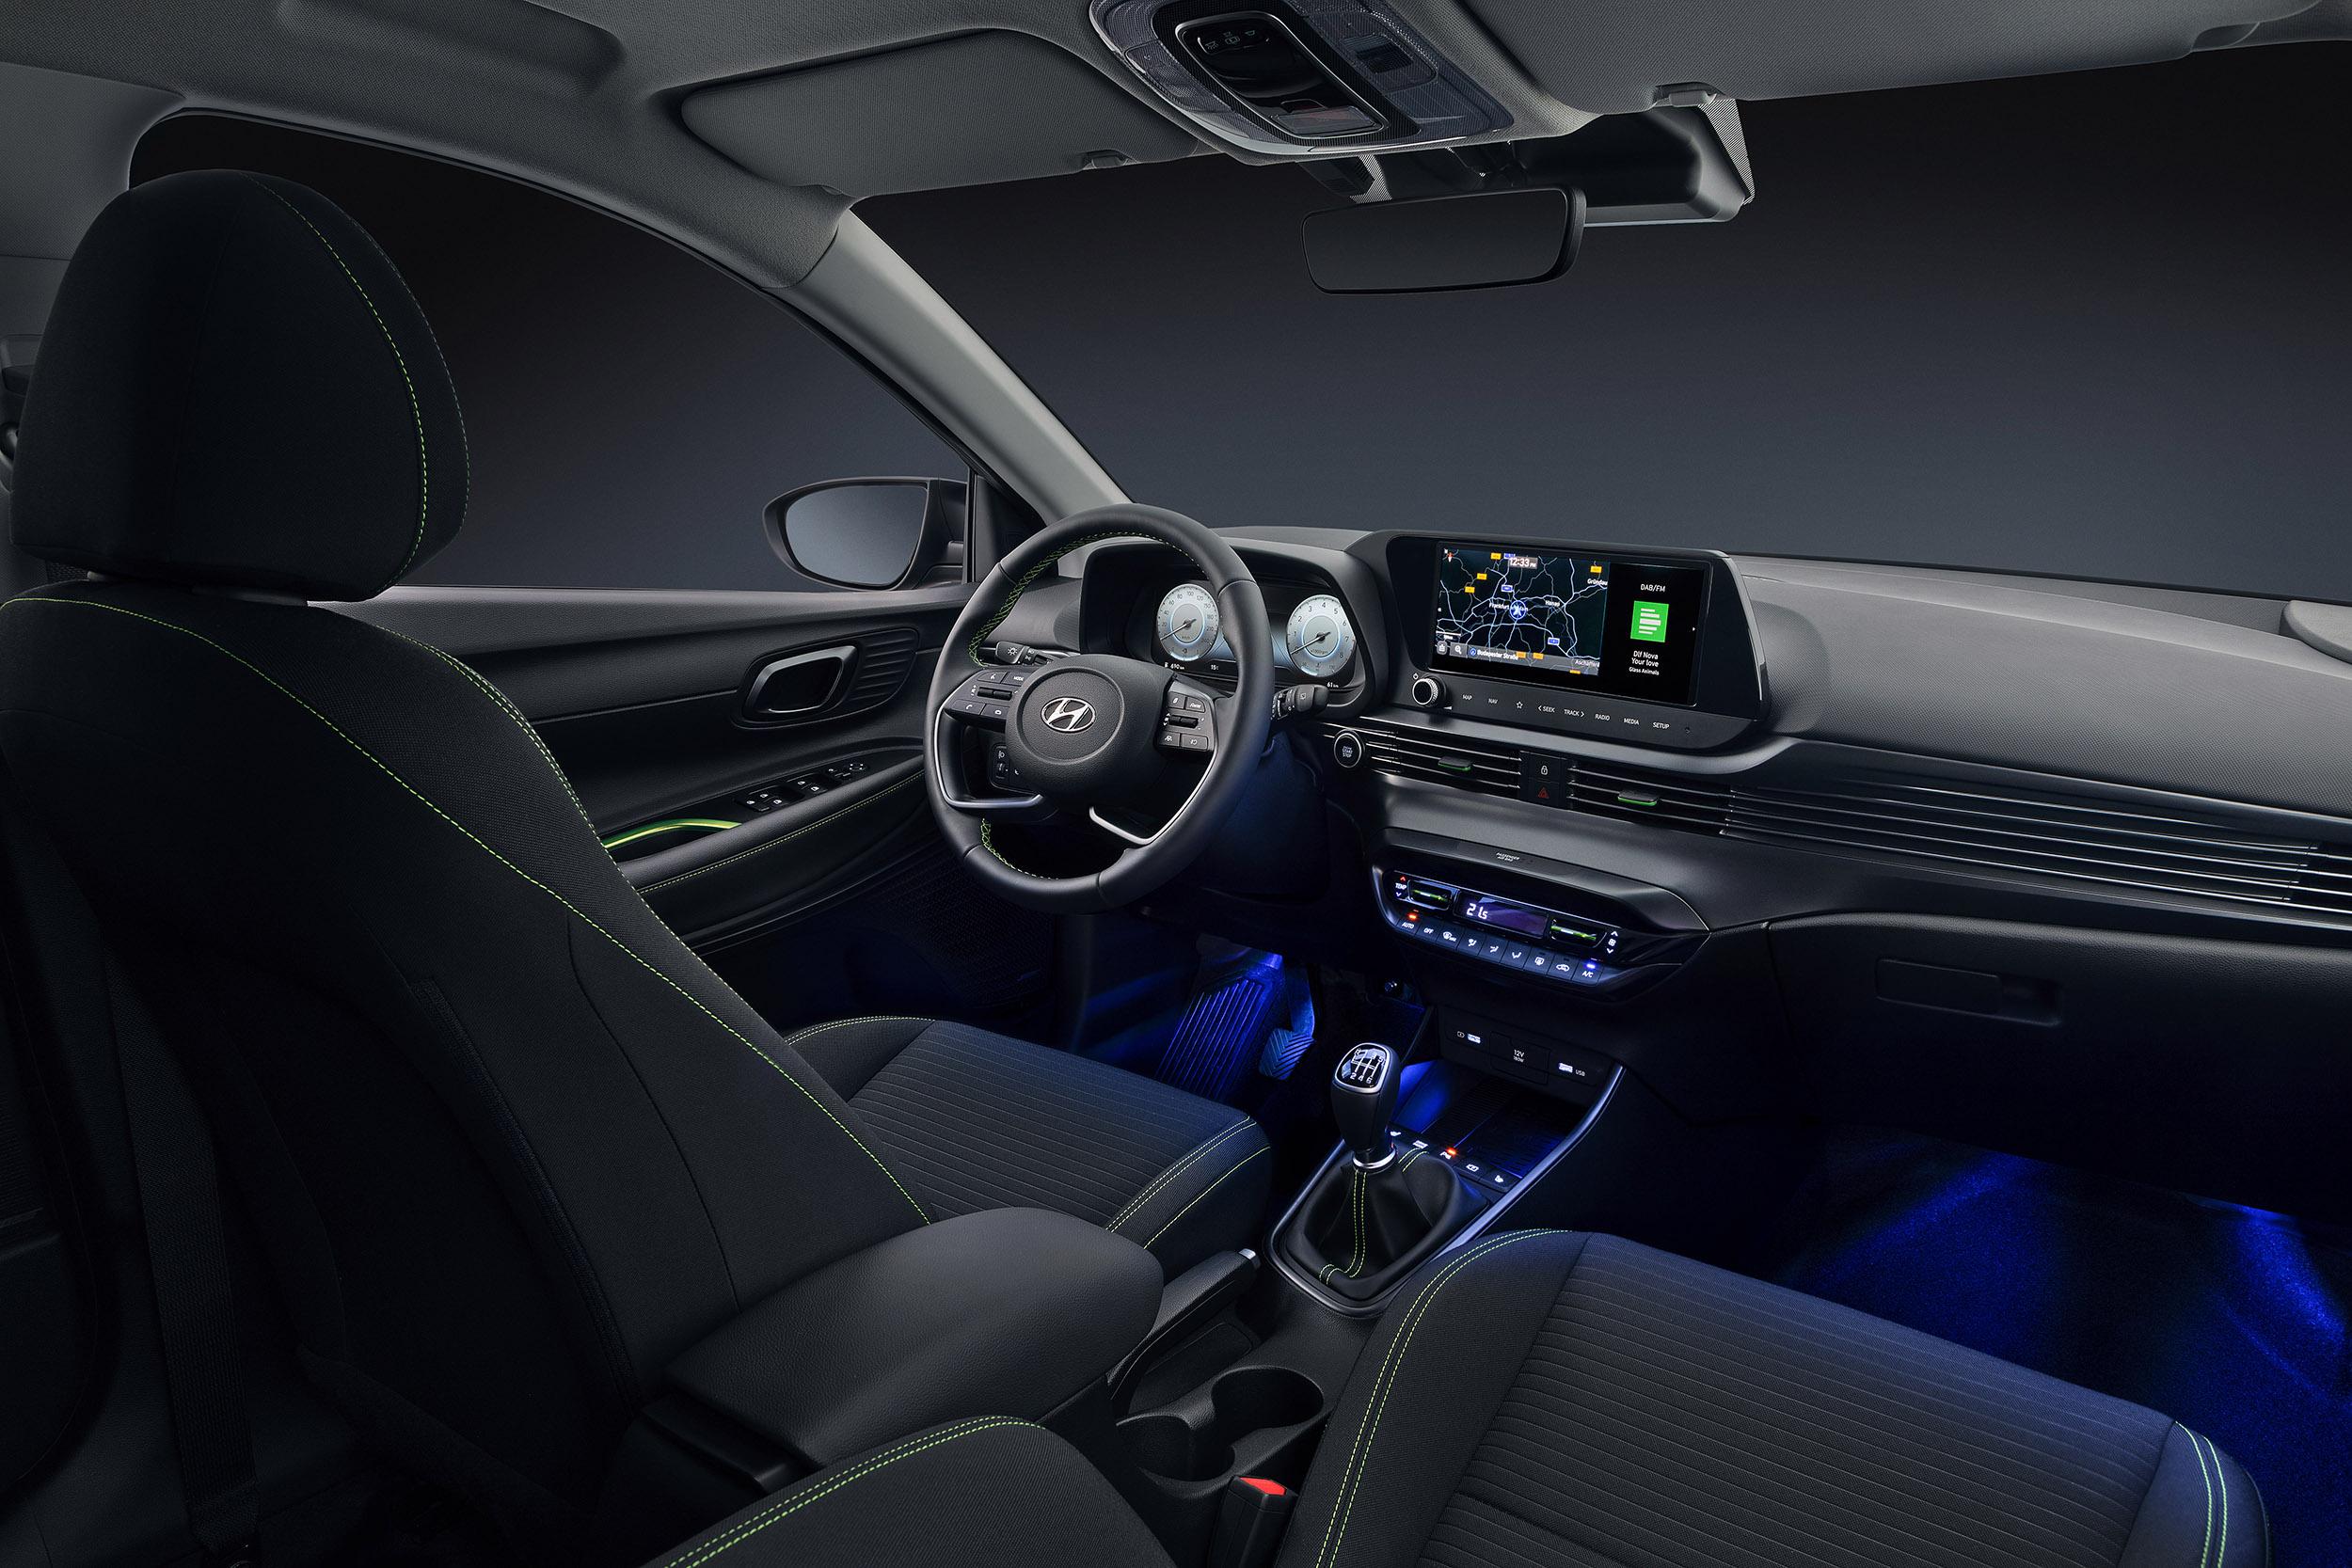 The all-new Hyundai i20 back seats